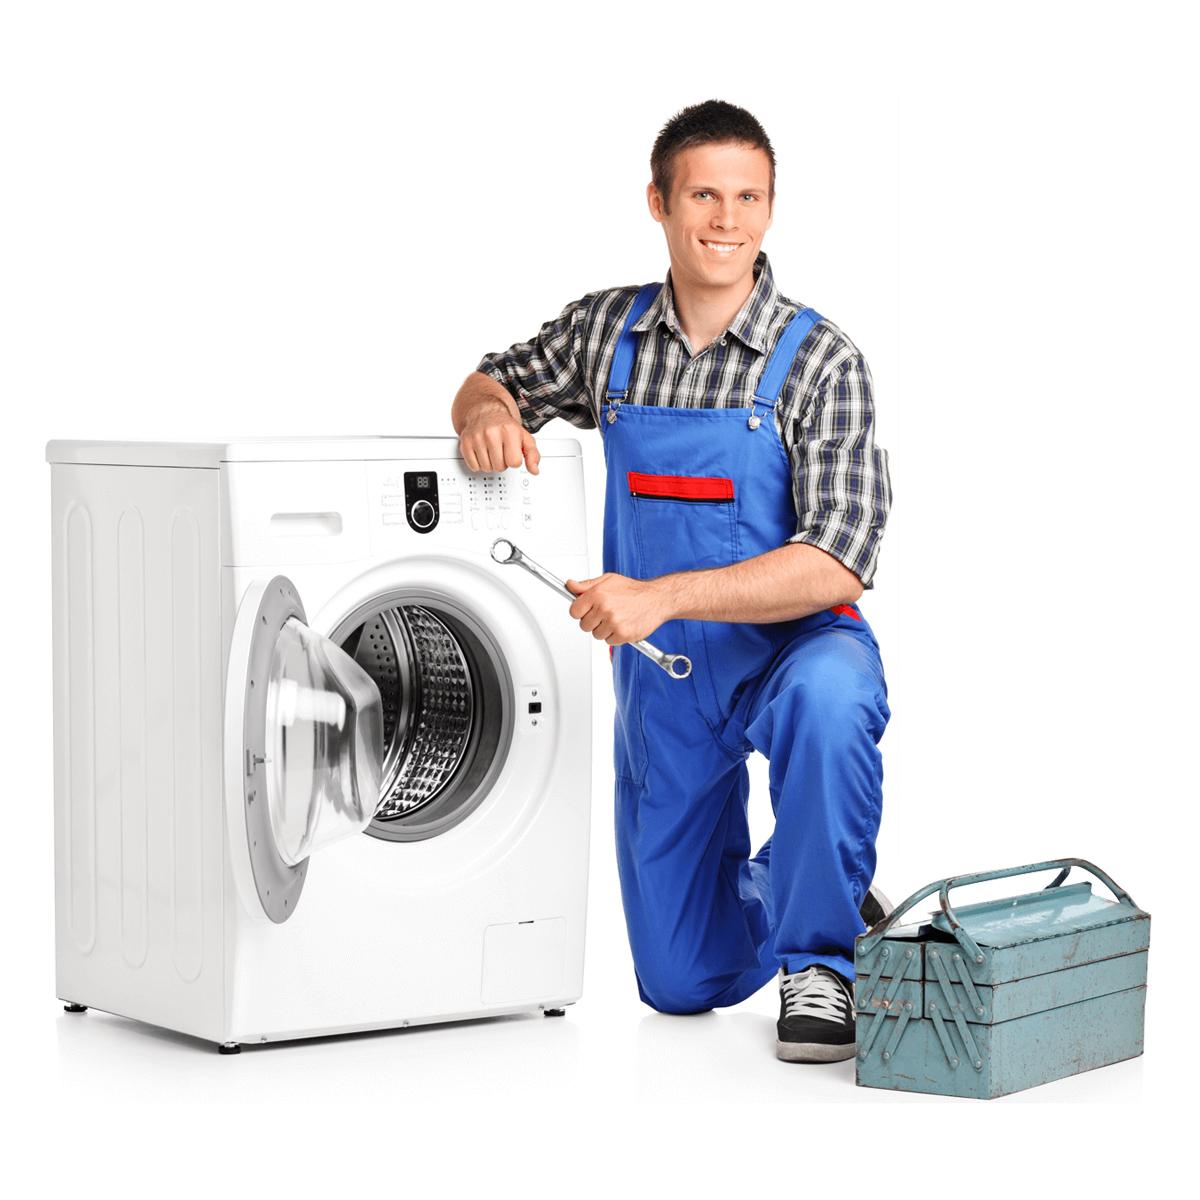 Ремонт стиральных машин 24 часа москва ремонт стиральных машин АЕГ 3-й Хорошёвский проезд